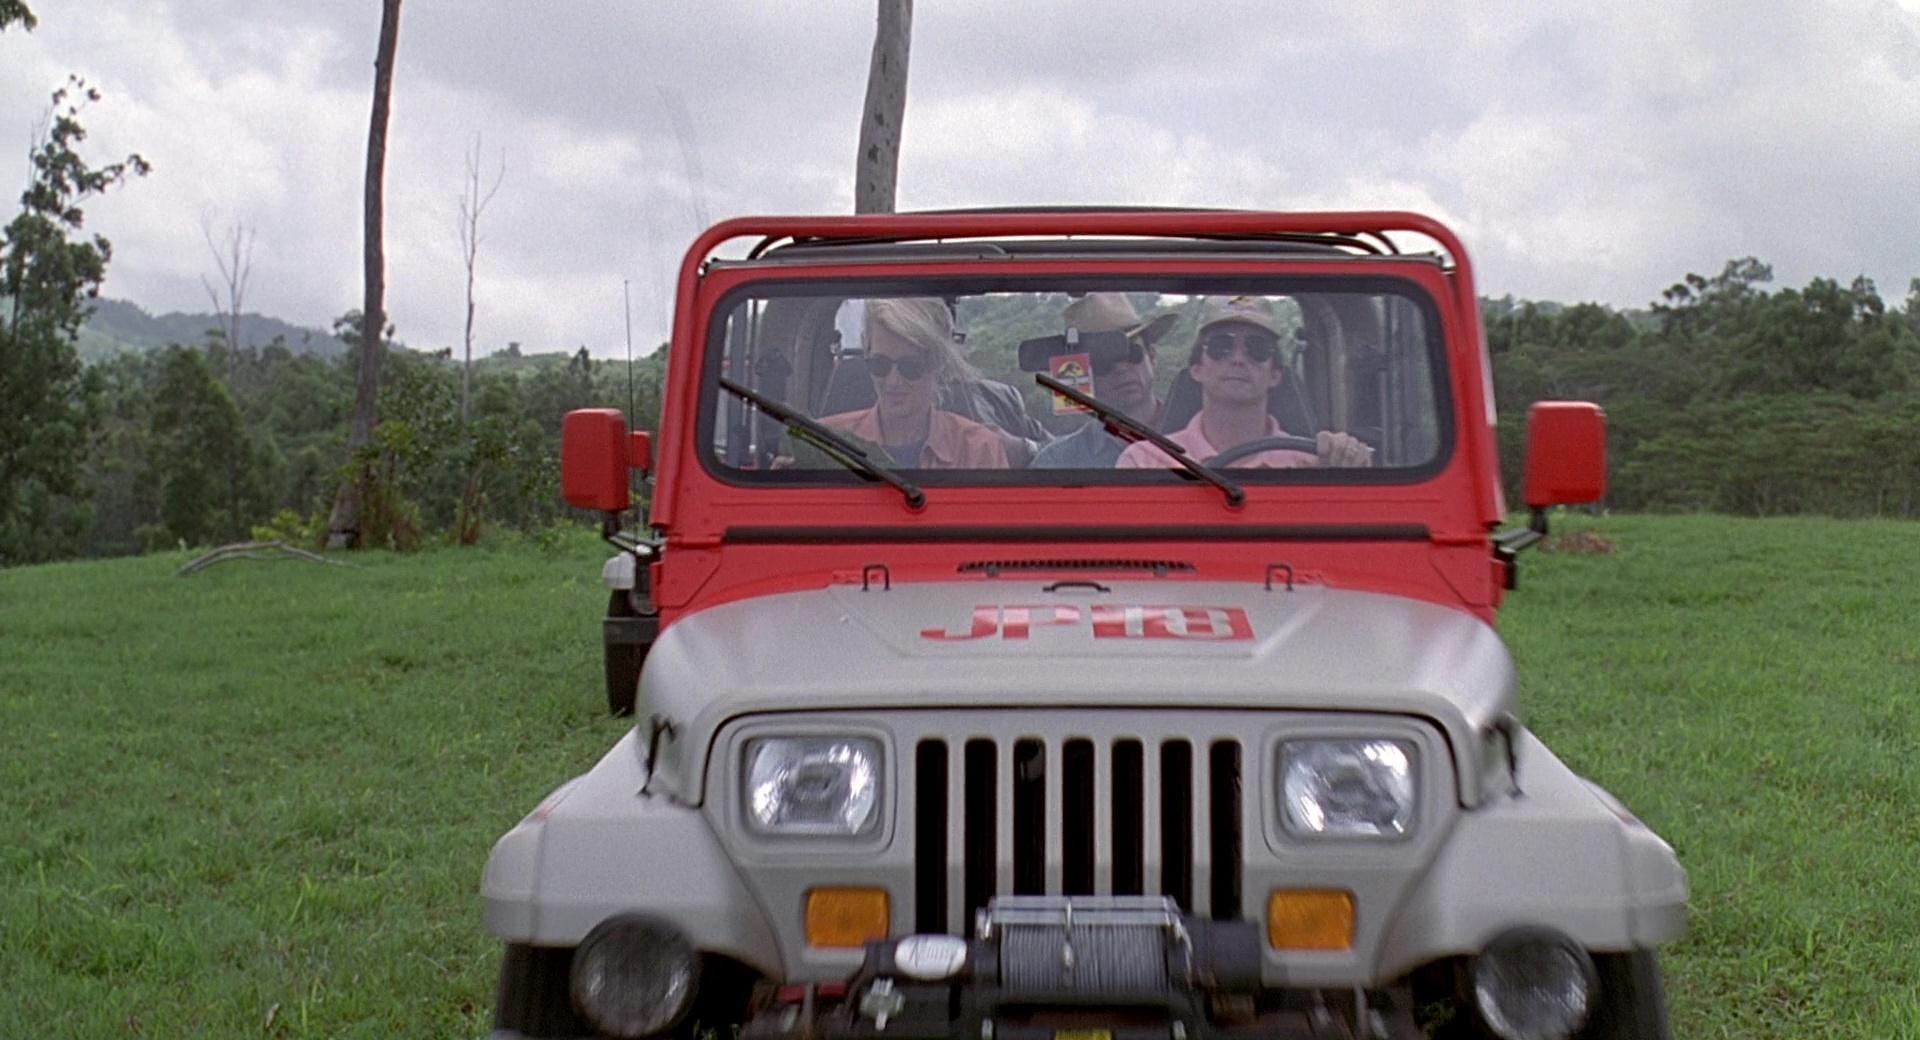 Jeep Wrangler Cars in Jurassic Park (1993) Movie